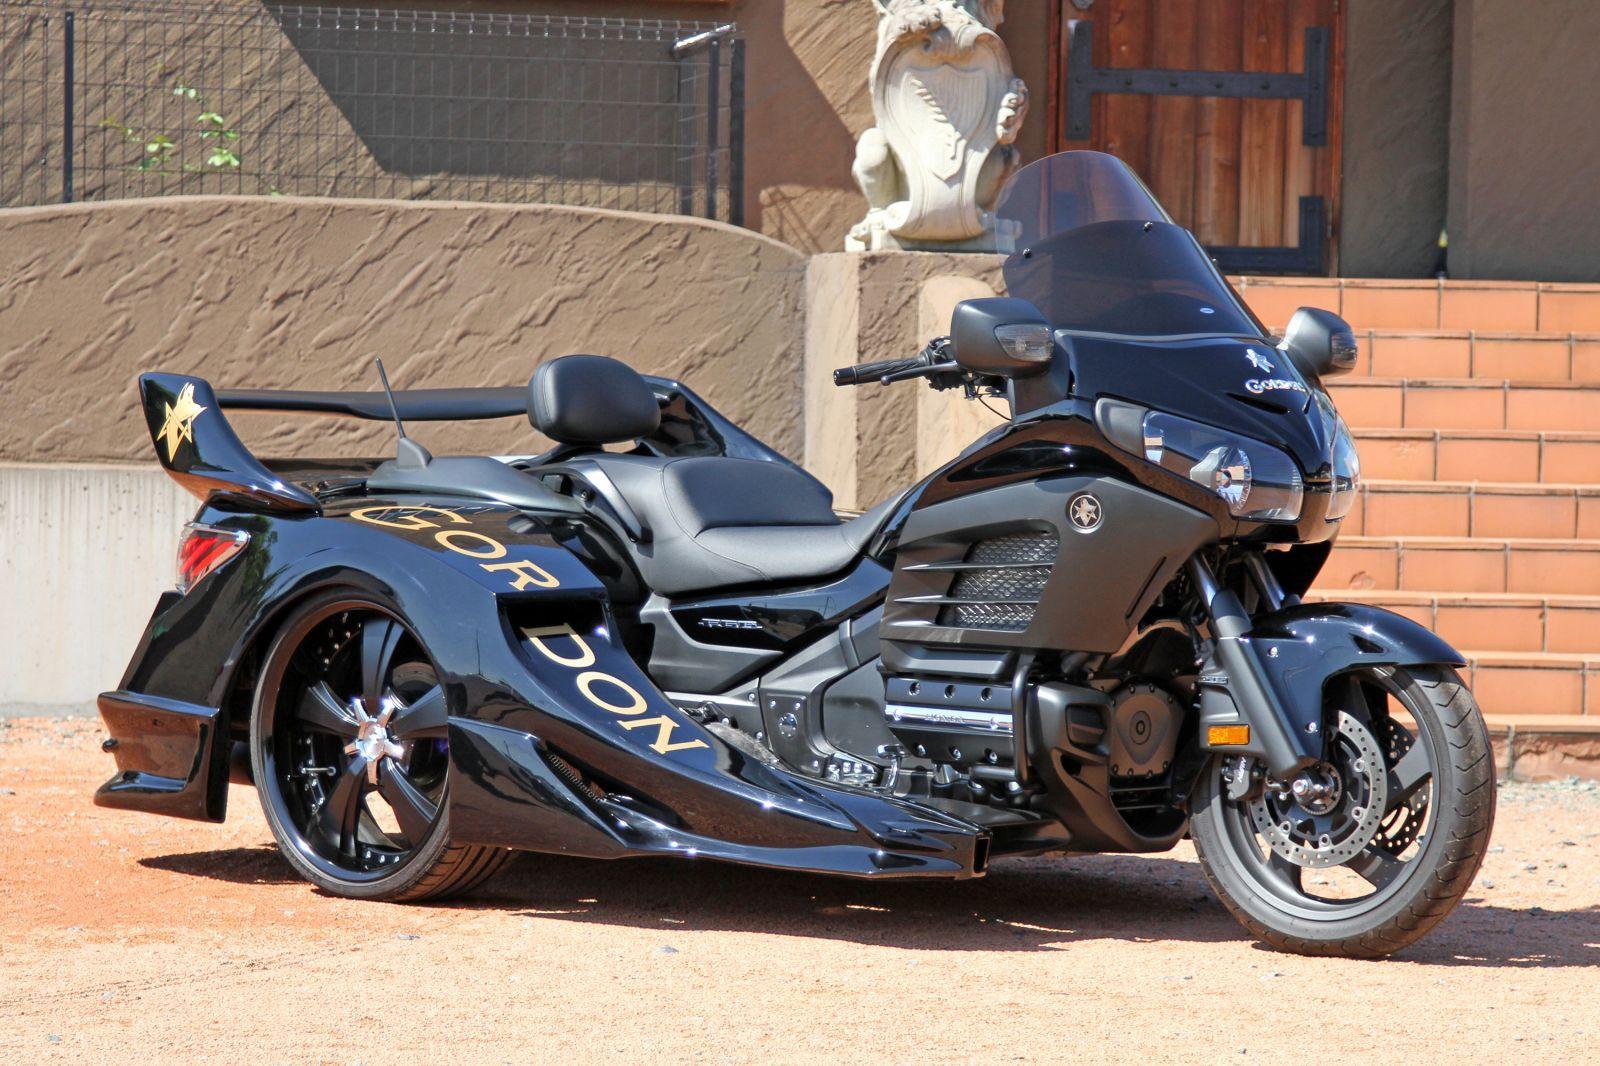 le trike le tricycle pour grandes personnes moto scooter motos d 39 occasion. Black Bedroom Furniture Sets. Home Design Ideas